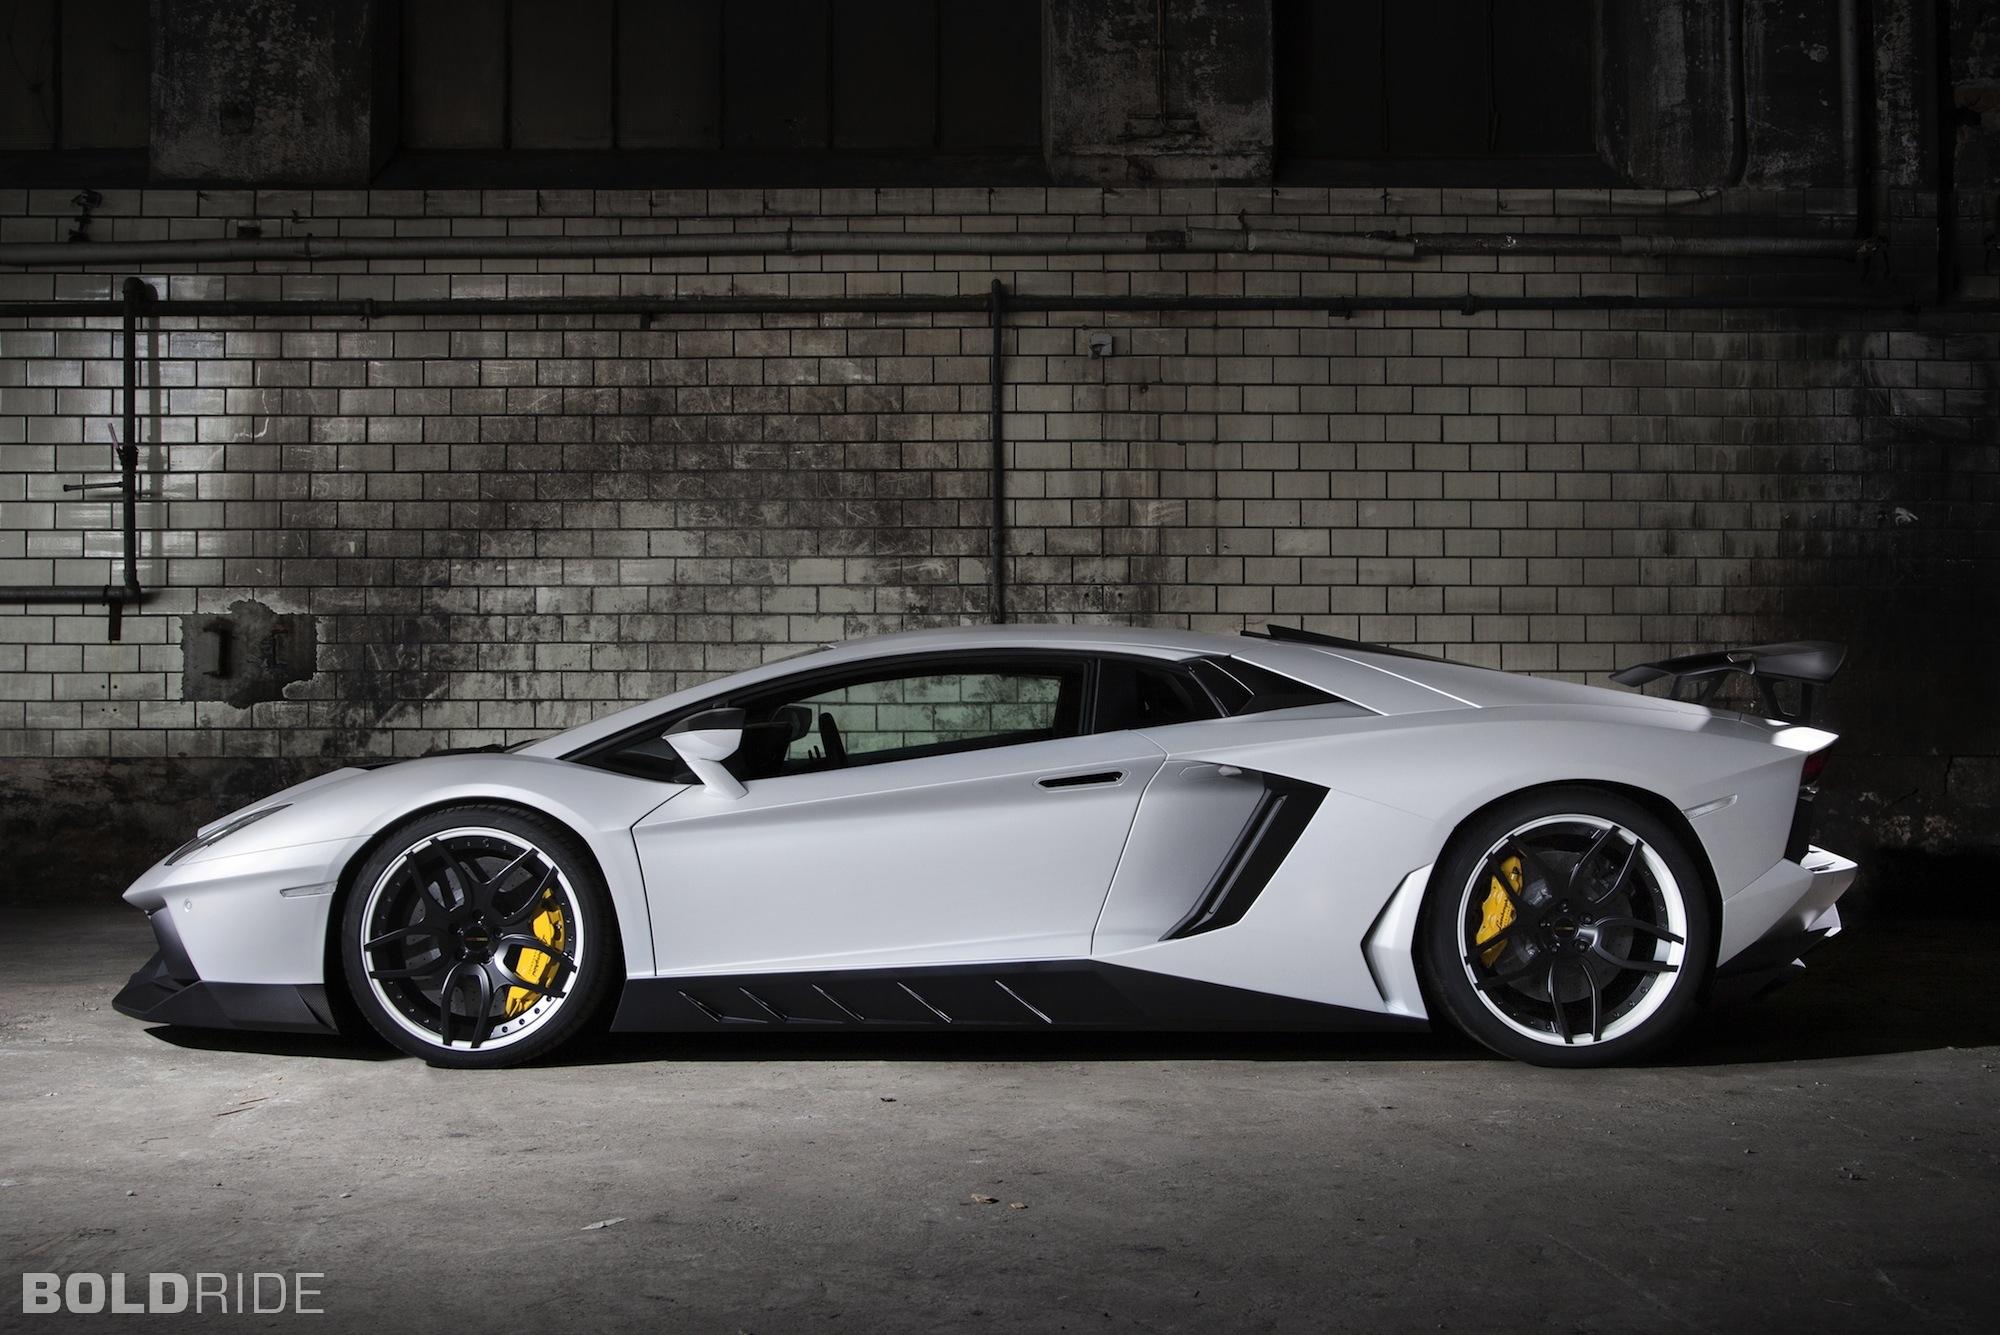 HQ Lamborghini Novitec Torado Wallpapers | File 1106.96Kb